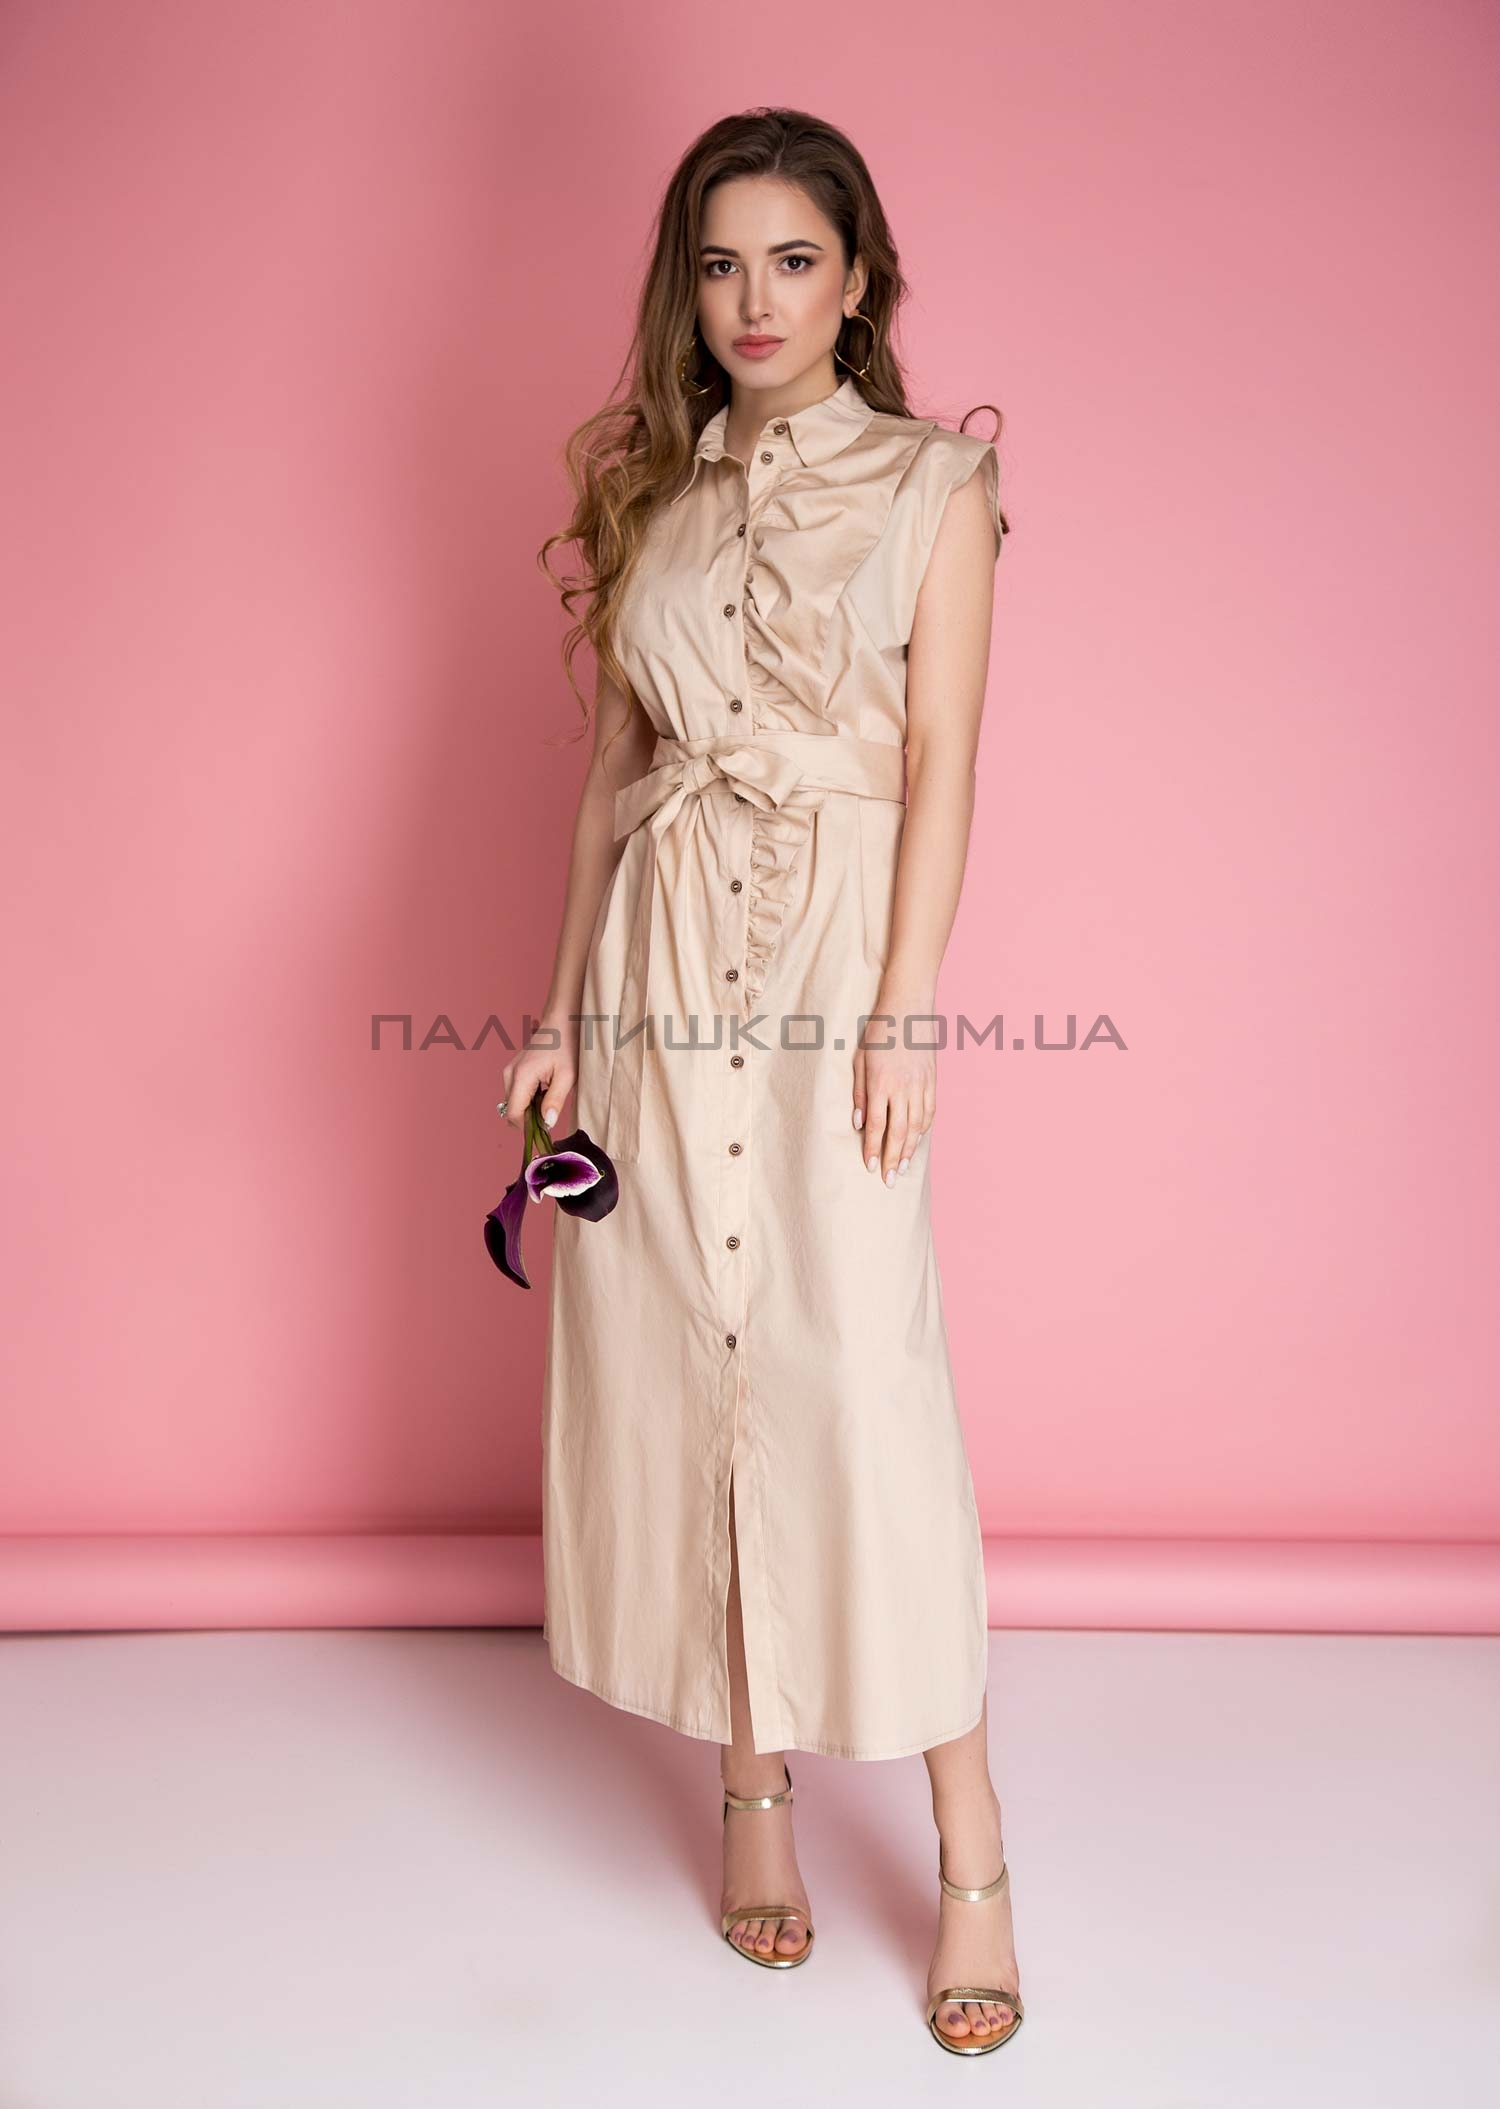 Платье бежевое с оригинальной оборкой